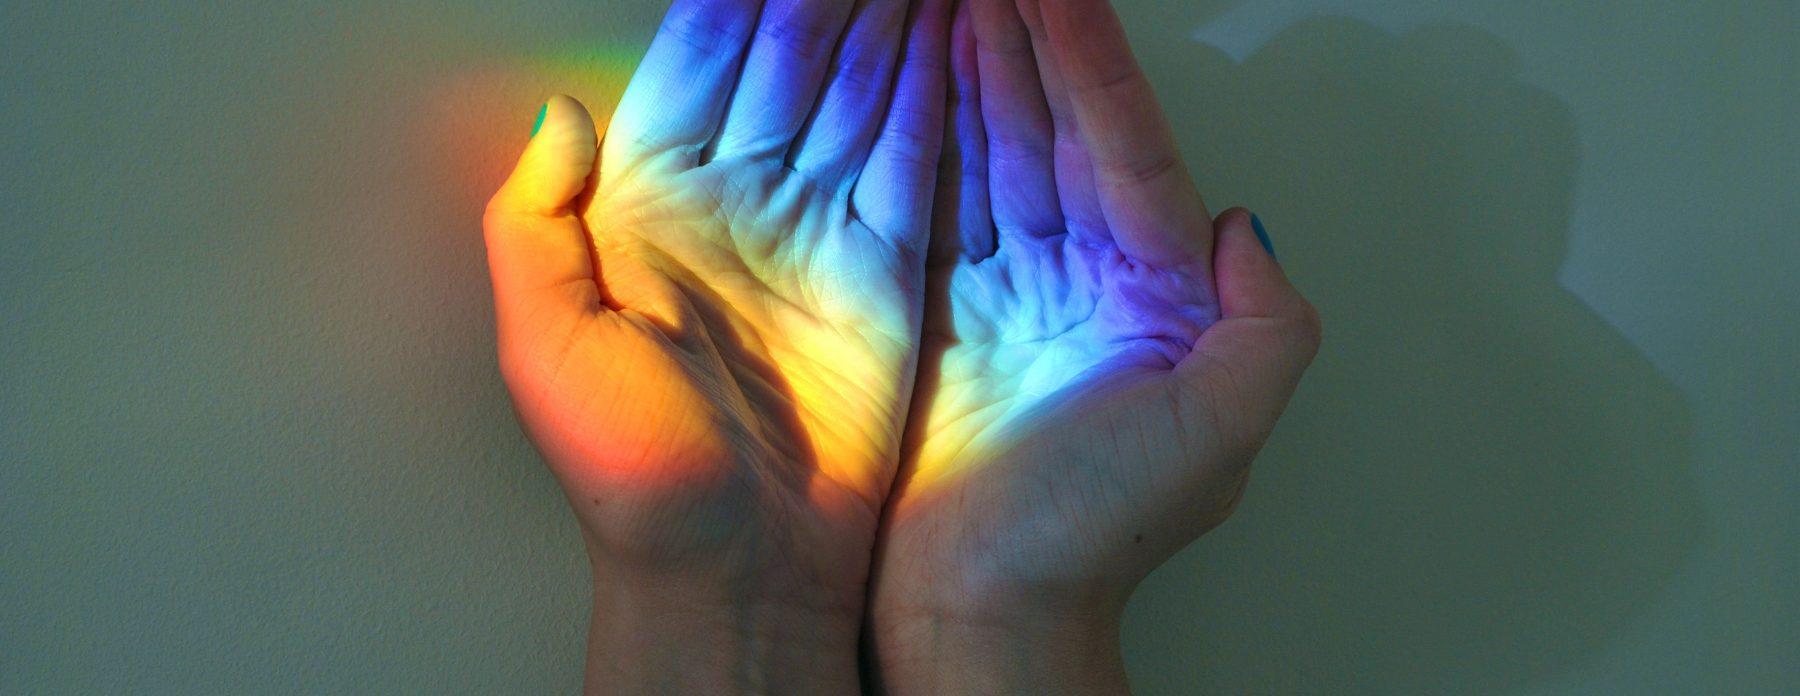 Chromothérapie : l'influence des couleurs sur notre moral